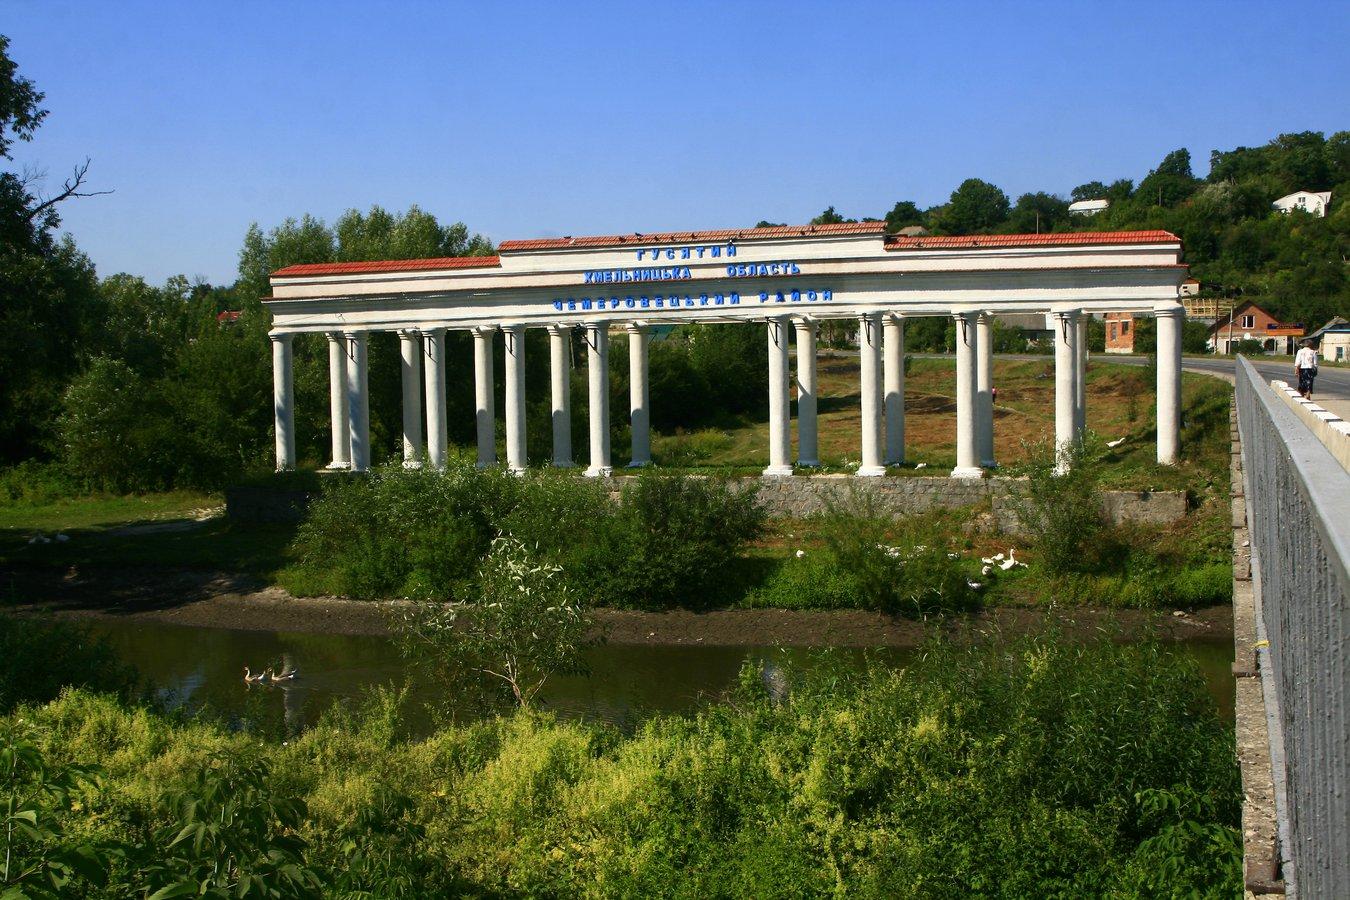 пропагандиська міжвоєнна арка на безеі Збруча мала показати _полякам_ комуністичний рай. Зараз слугує в_їздним знаком у тернопільський Гусятин.jpg